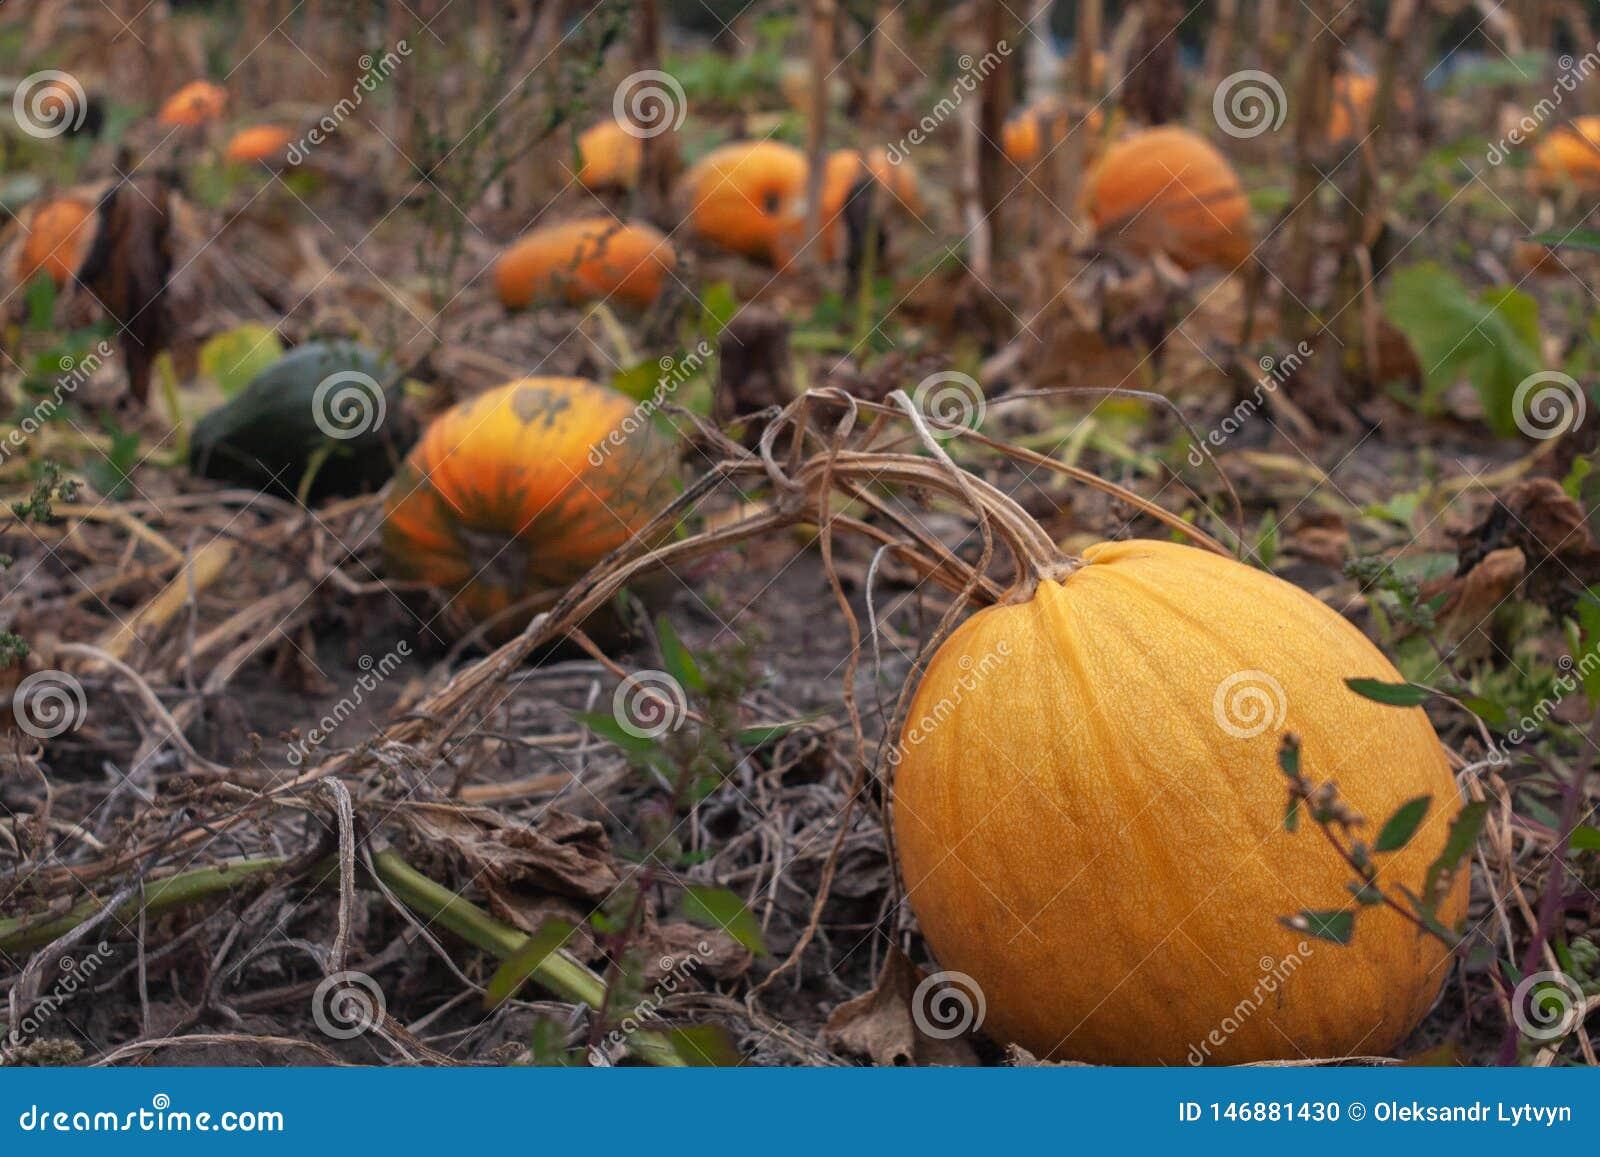 Ώριμες πορτοκαλιές κολοκύθες στον κήπο φθινοπώρου